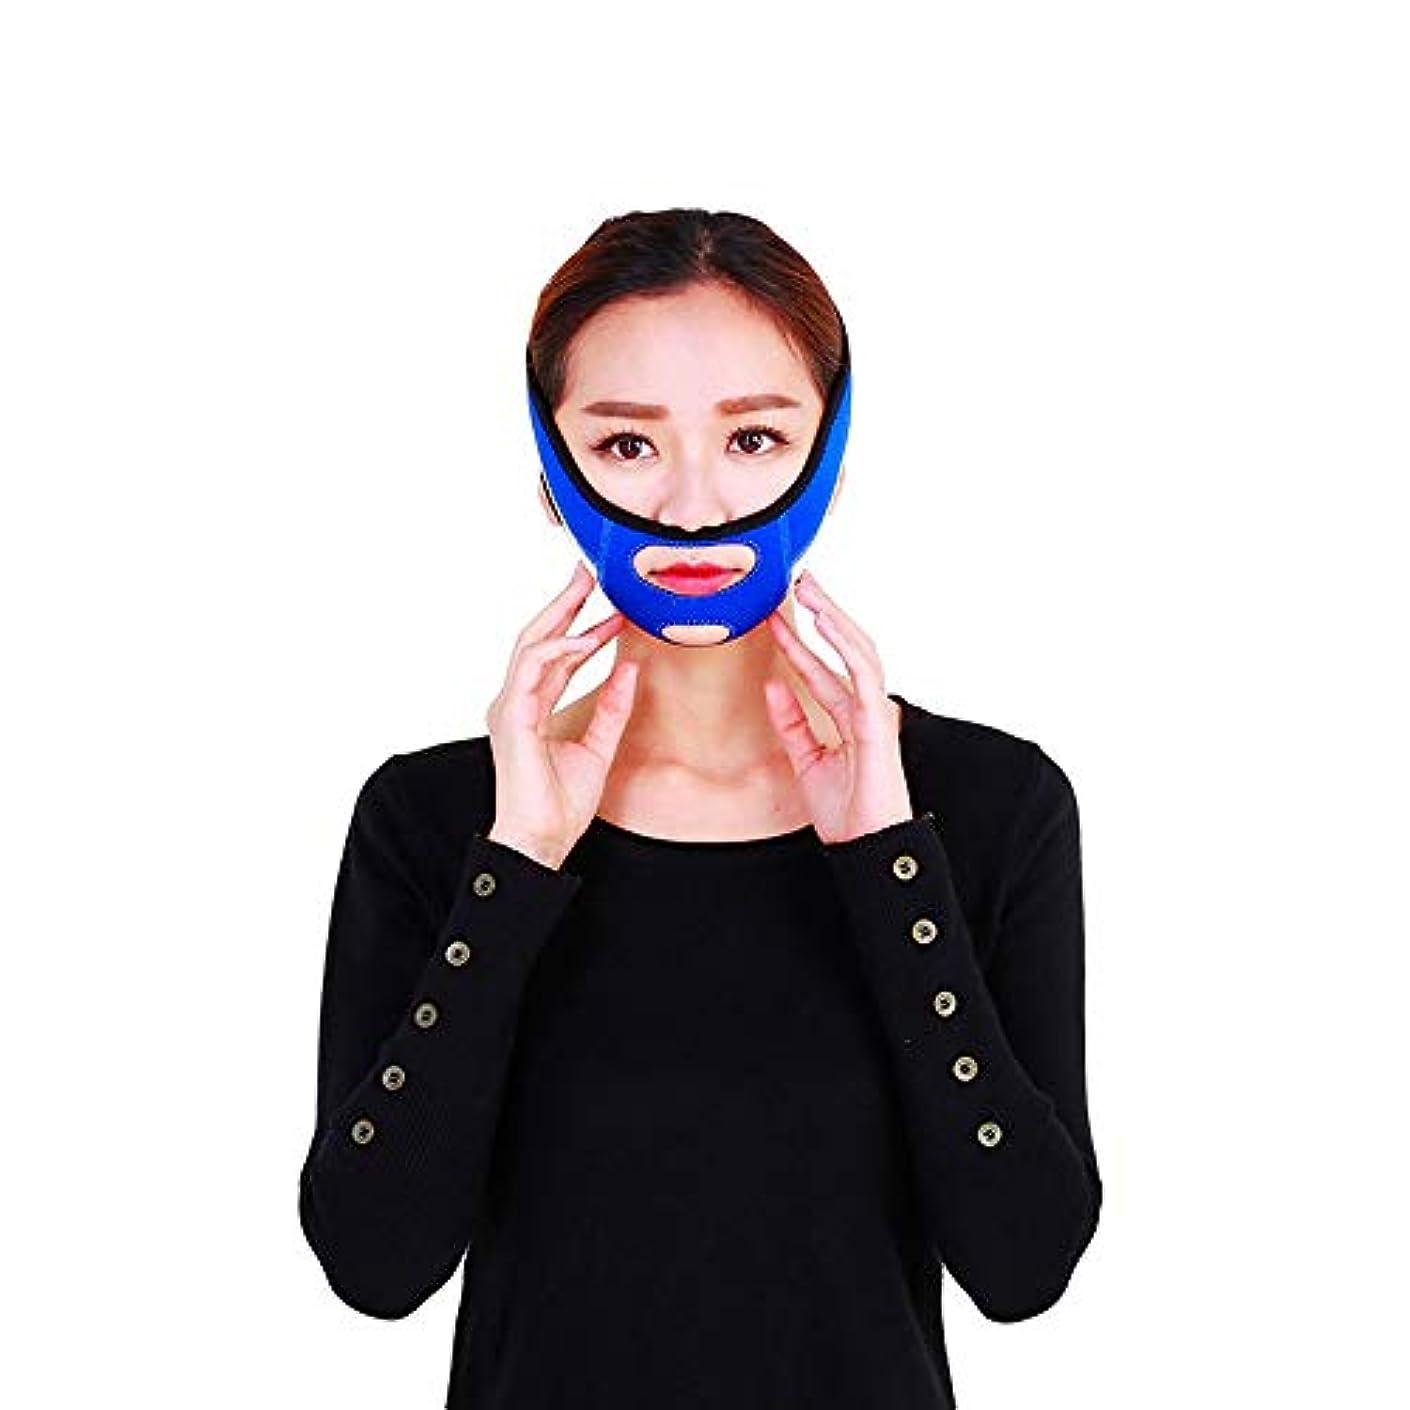 垂直記事欲しいですMinmin フェイシャルリフティング痩身ベルトフェーススリム二重あごを取り除くアンチエイジングリンクルフェイス包帯マスク整形マスクが顔を引き締める みんみんVラインフェイスマスク